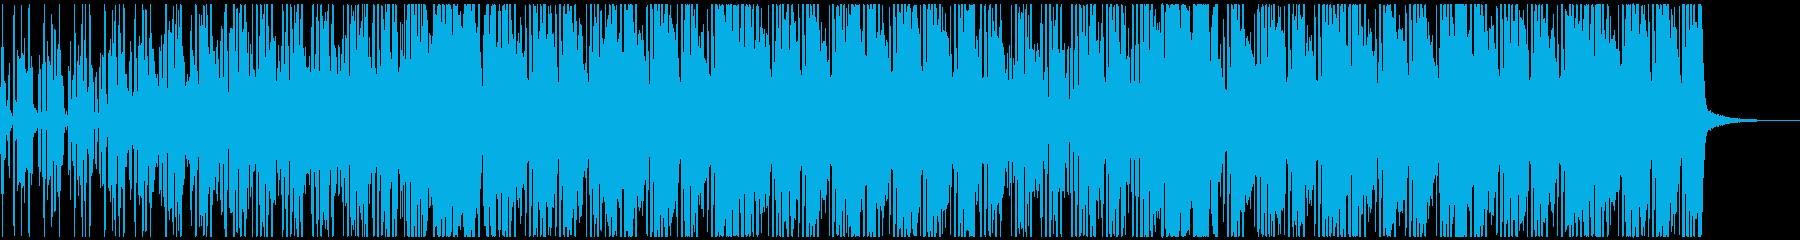 かわいいダンスポップ・EDMの再生済みの波形